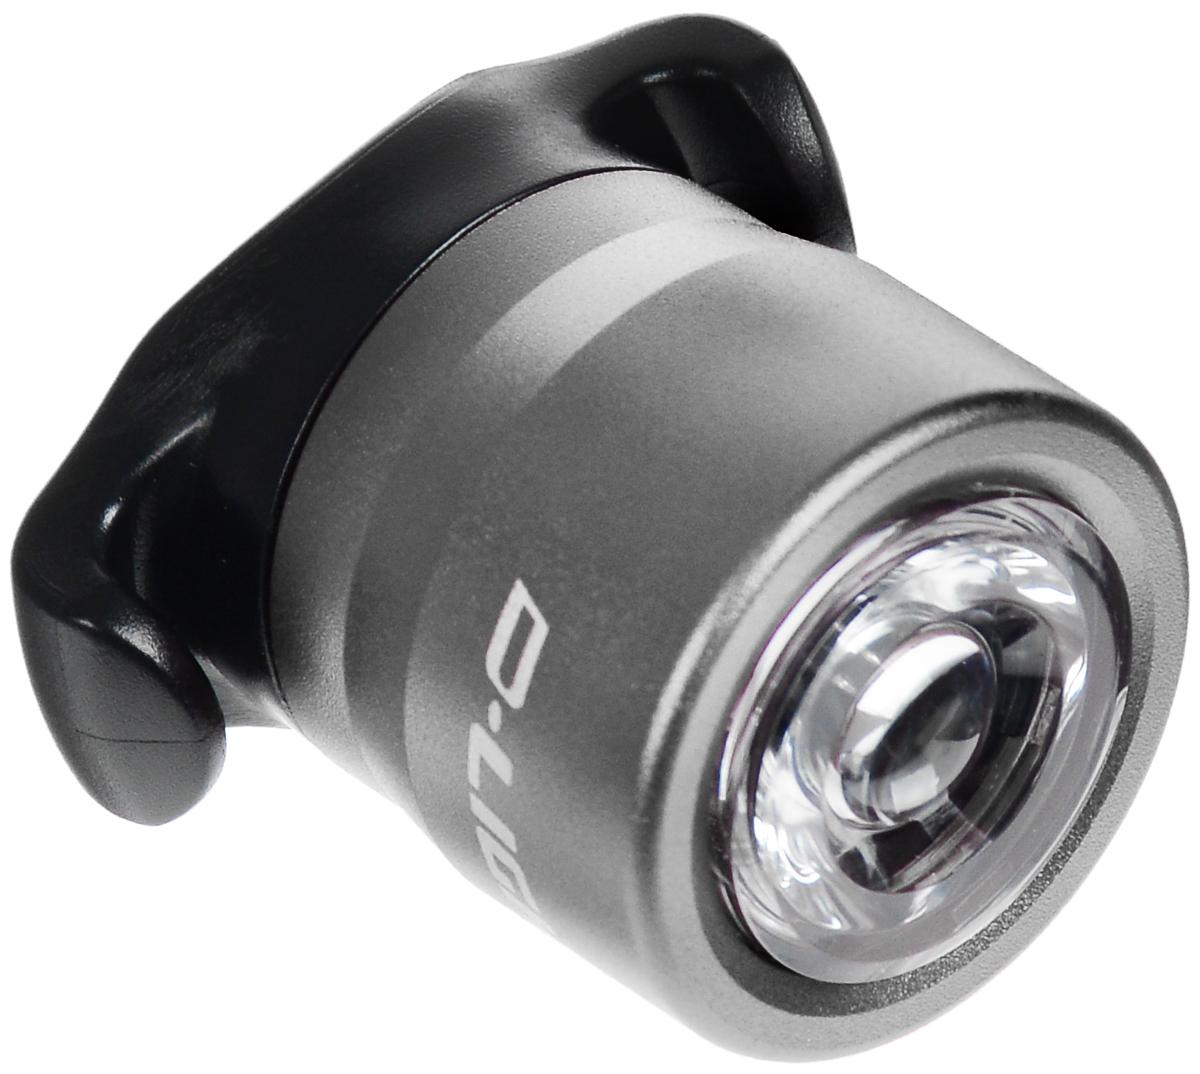 Фонарь велосипедный D-Light CG-212W, габаритный, передний, цвет: серебристый, черныйMW-1462-01-SR серебристыйПередний габаритный велофонарь D-Light CG-212W предназначен для обеспечения большей безопасности при поездках в темное время суток. Он легко крепится и снимается без дополнительных инструментов. Корпус изделия выполнен из прочного алюминия. Фонарь имеет 2 режима: мигание и постоянное свечение. Он водонепроницаем, имеет один SMD белый светодиод.Фонарь питается от 2 батарей типа CR2032 (входят в комплект).Время свечения: 30 ч.Время мигания: 90 ч.Диаметр фонаря: 2,7 см.Высота фонаря: 3,5 см.